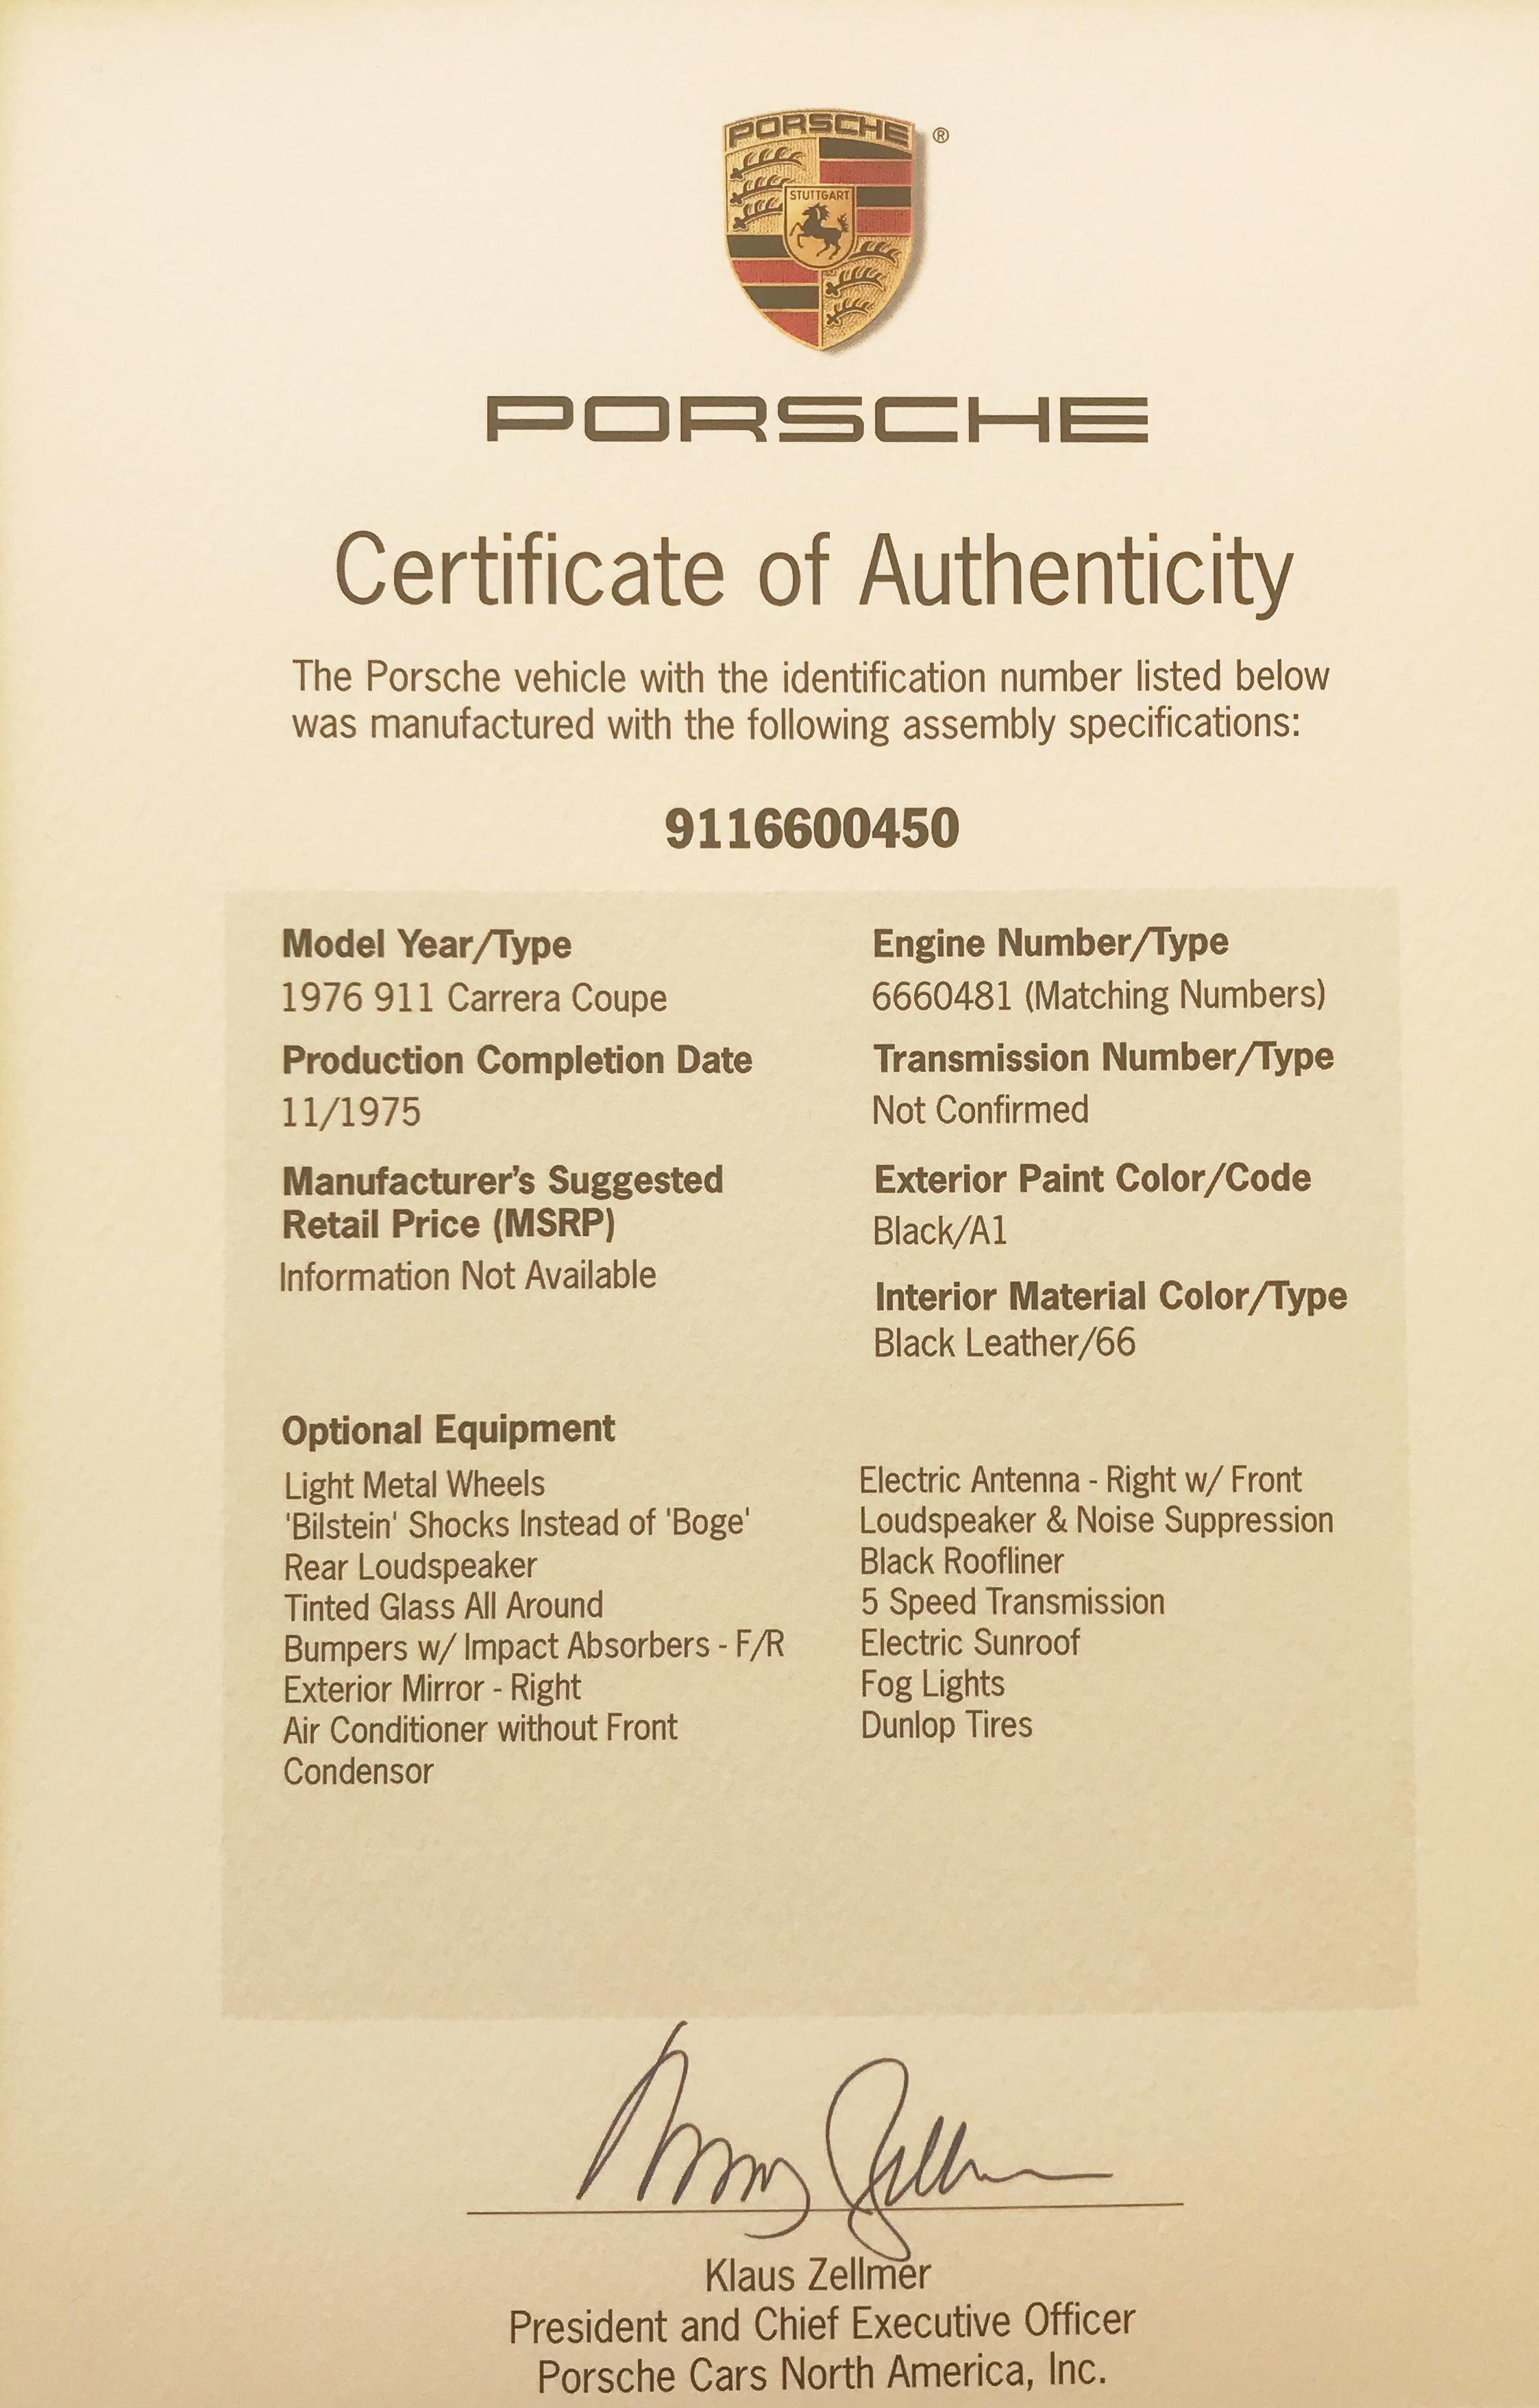 Porsche 911 Carrera 3,0 1976 - elferspot com - Marketplace for